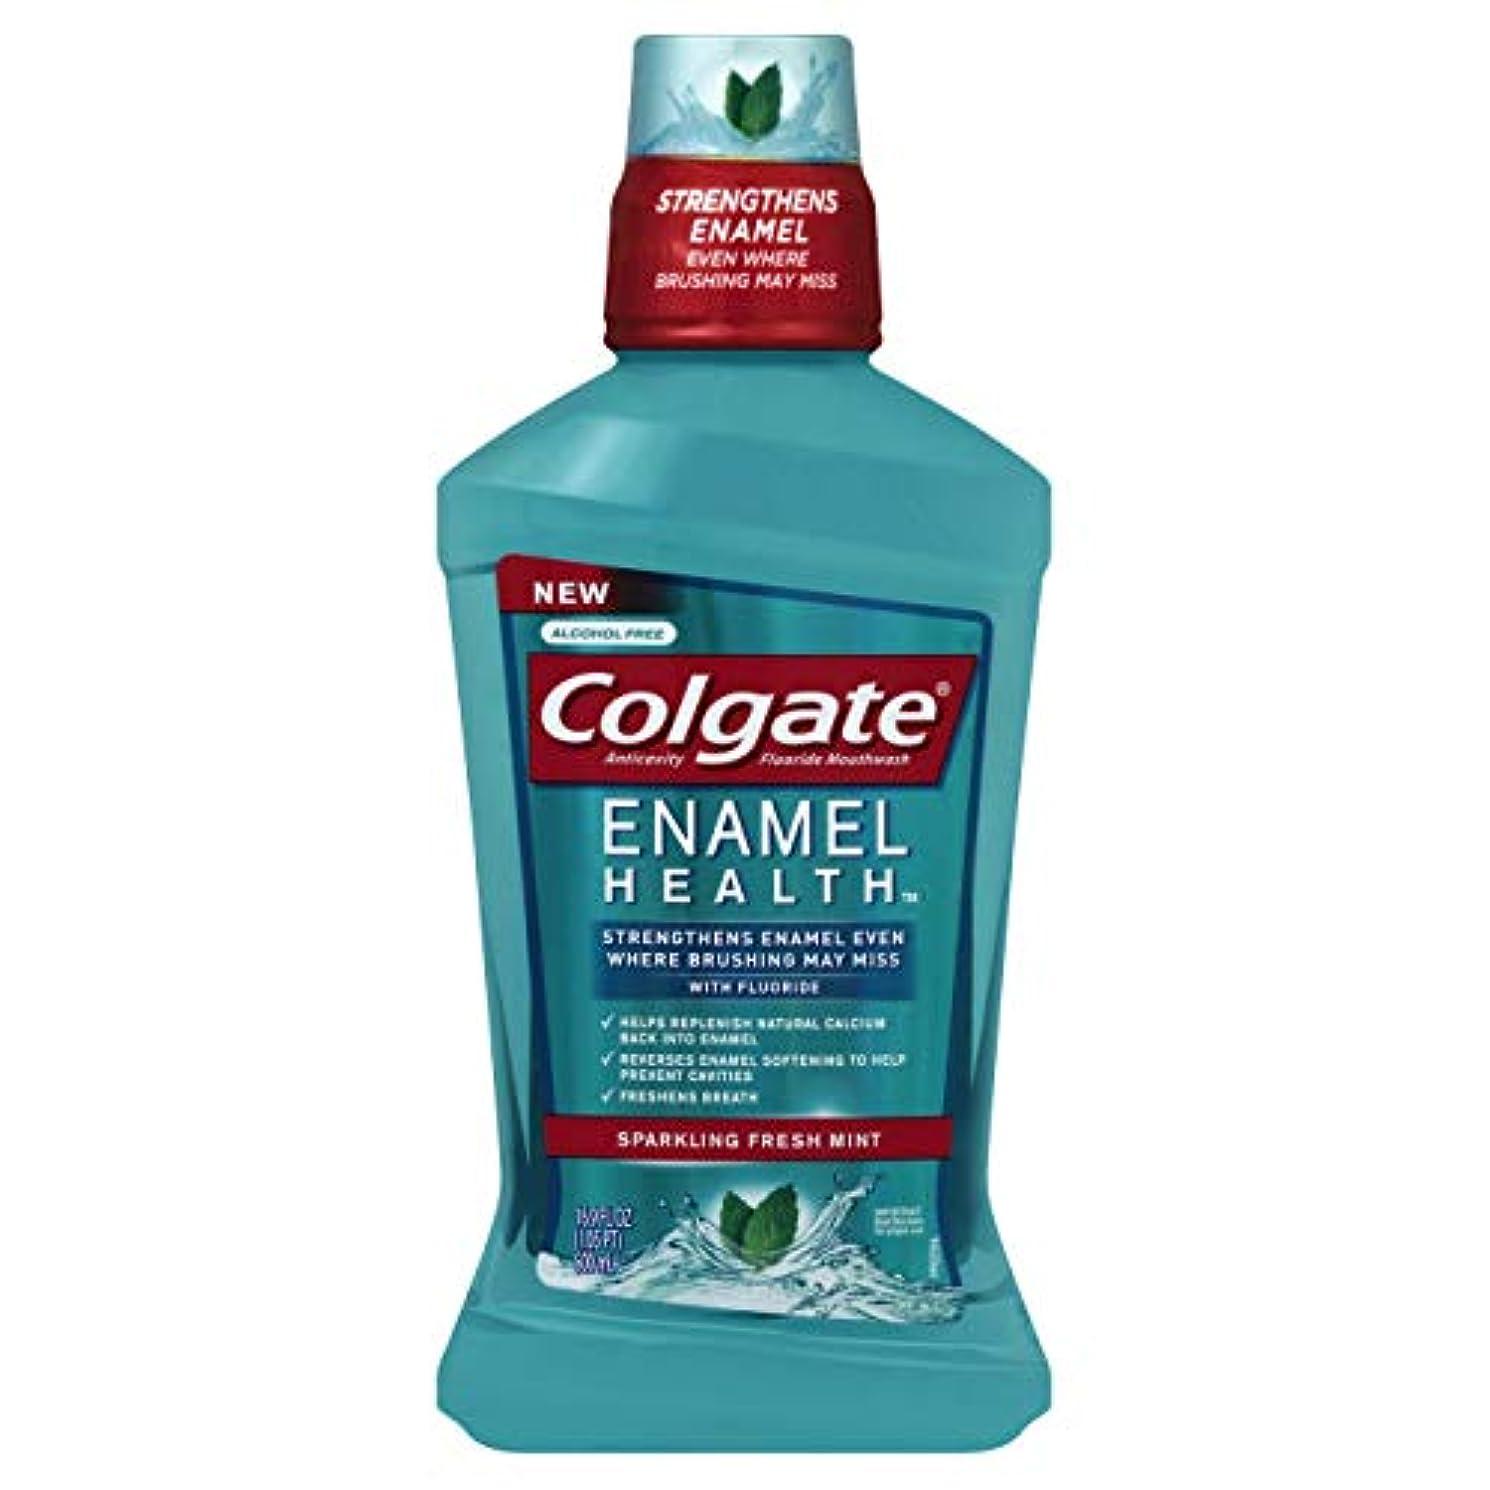 多様性殺しますアクセルColgate エナメル健康スパークリングフレッシュミント虫歯予防フッ素うがい薬、500ミリリットル - 6パック